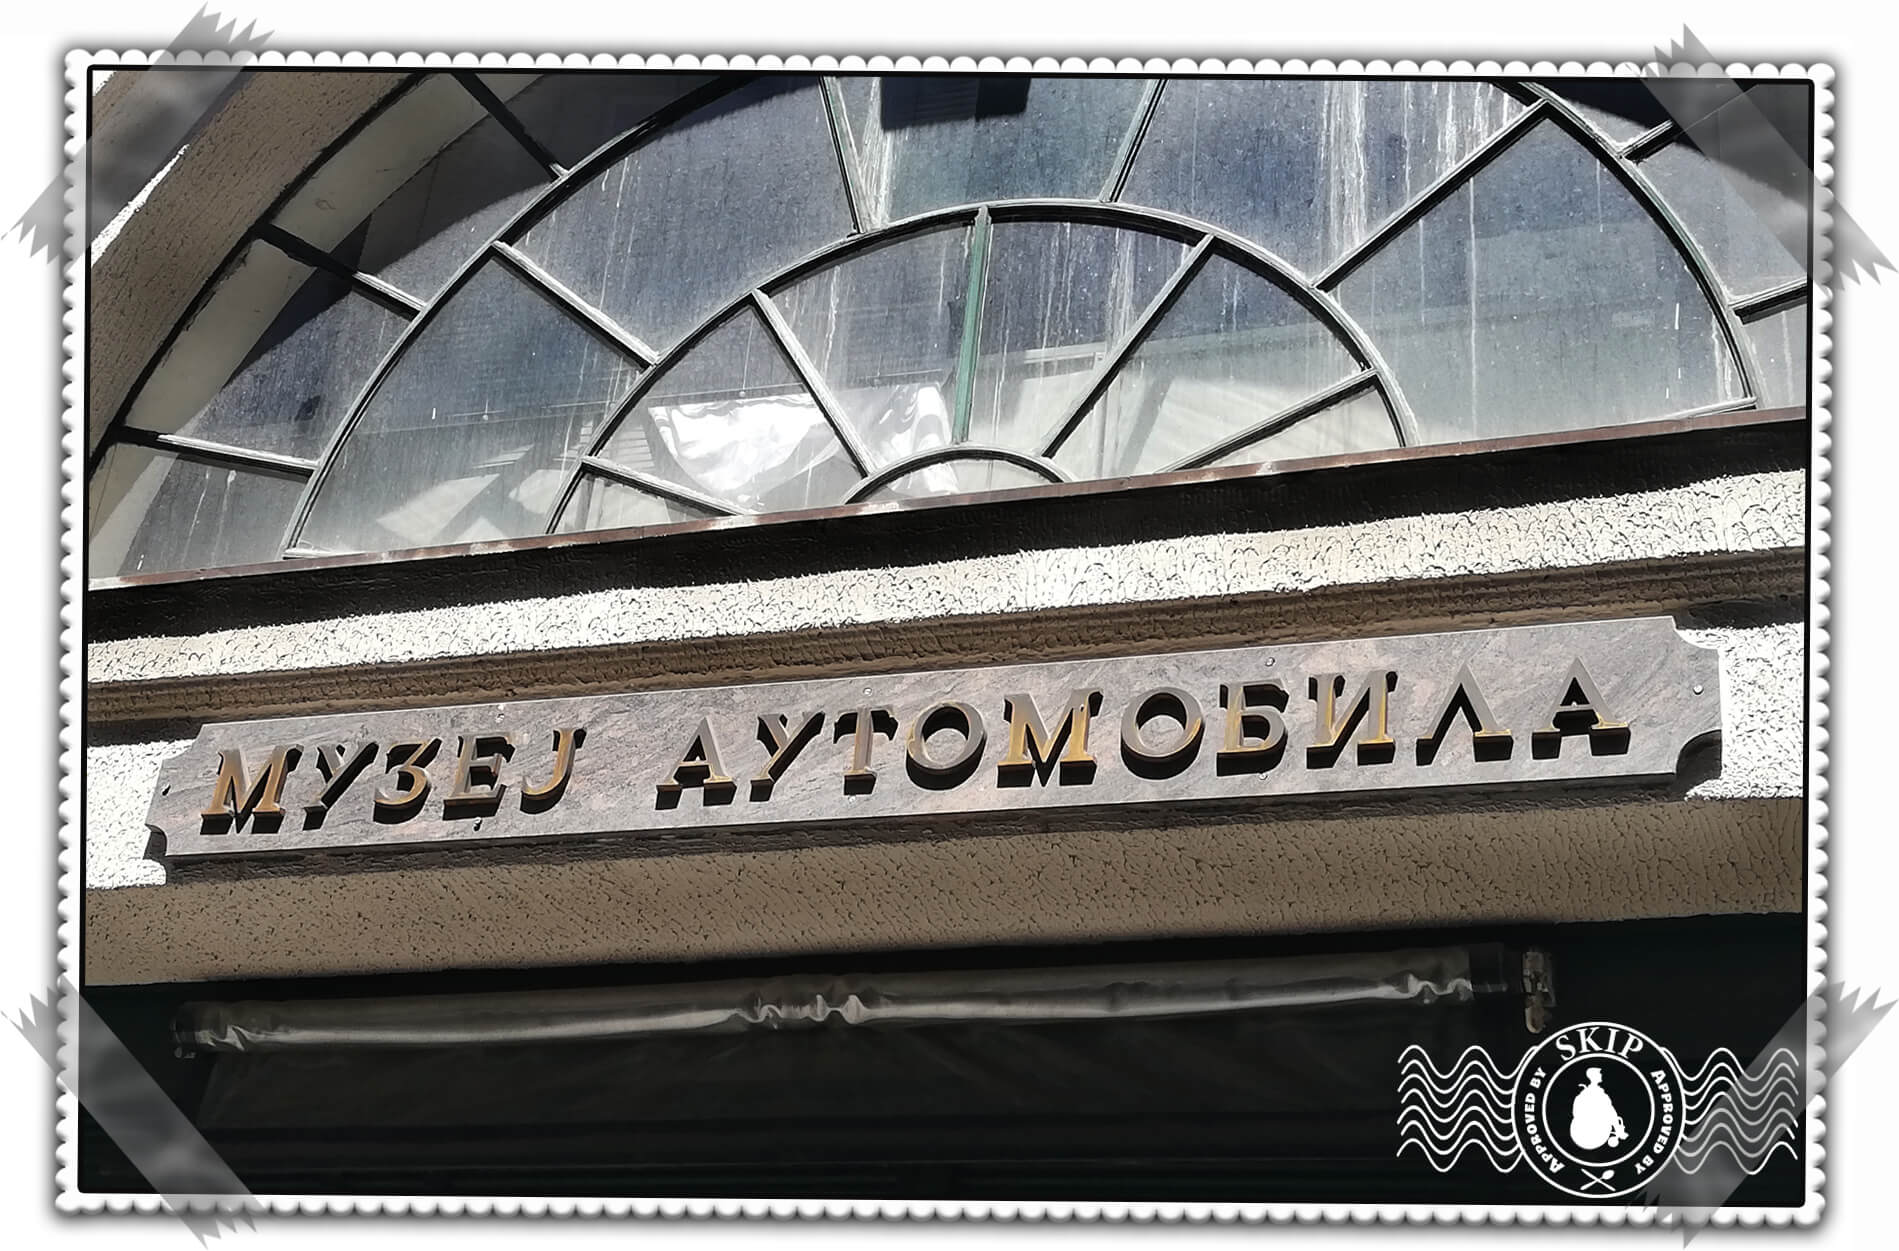 Automobile museum Belgrade